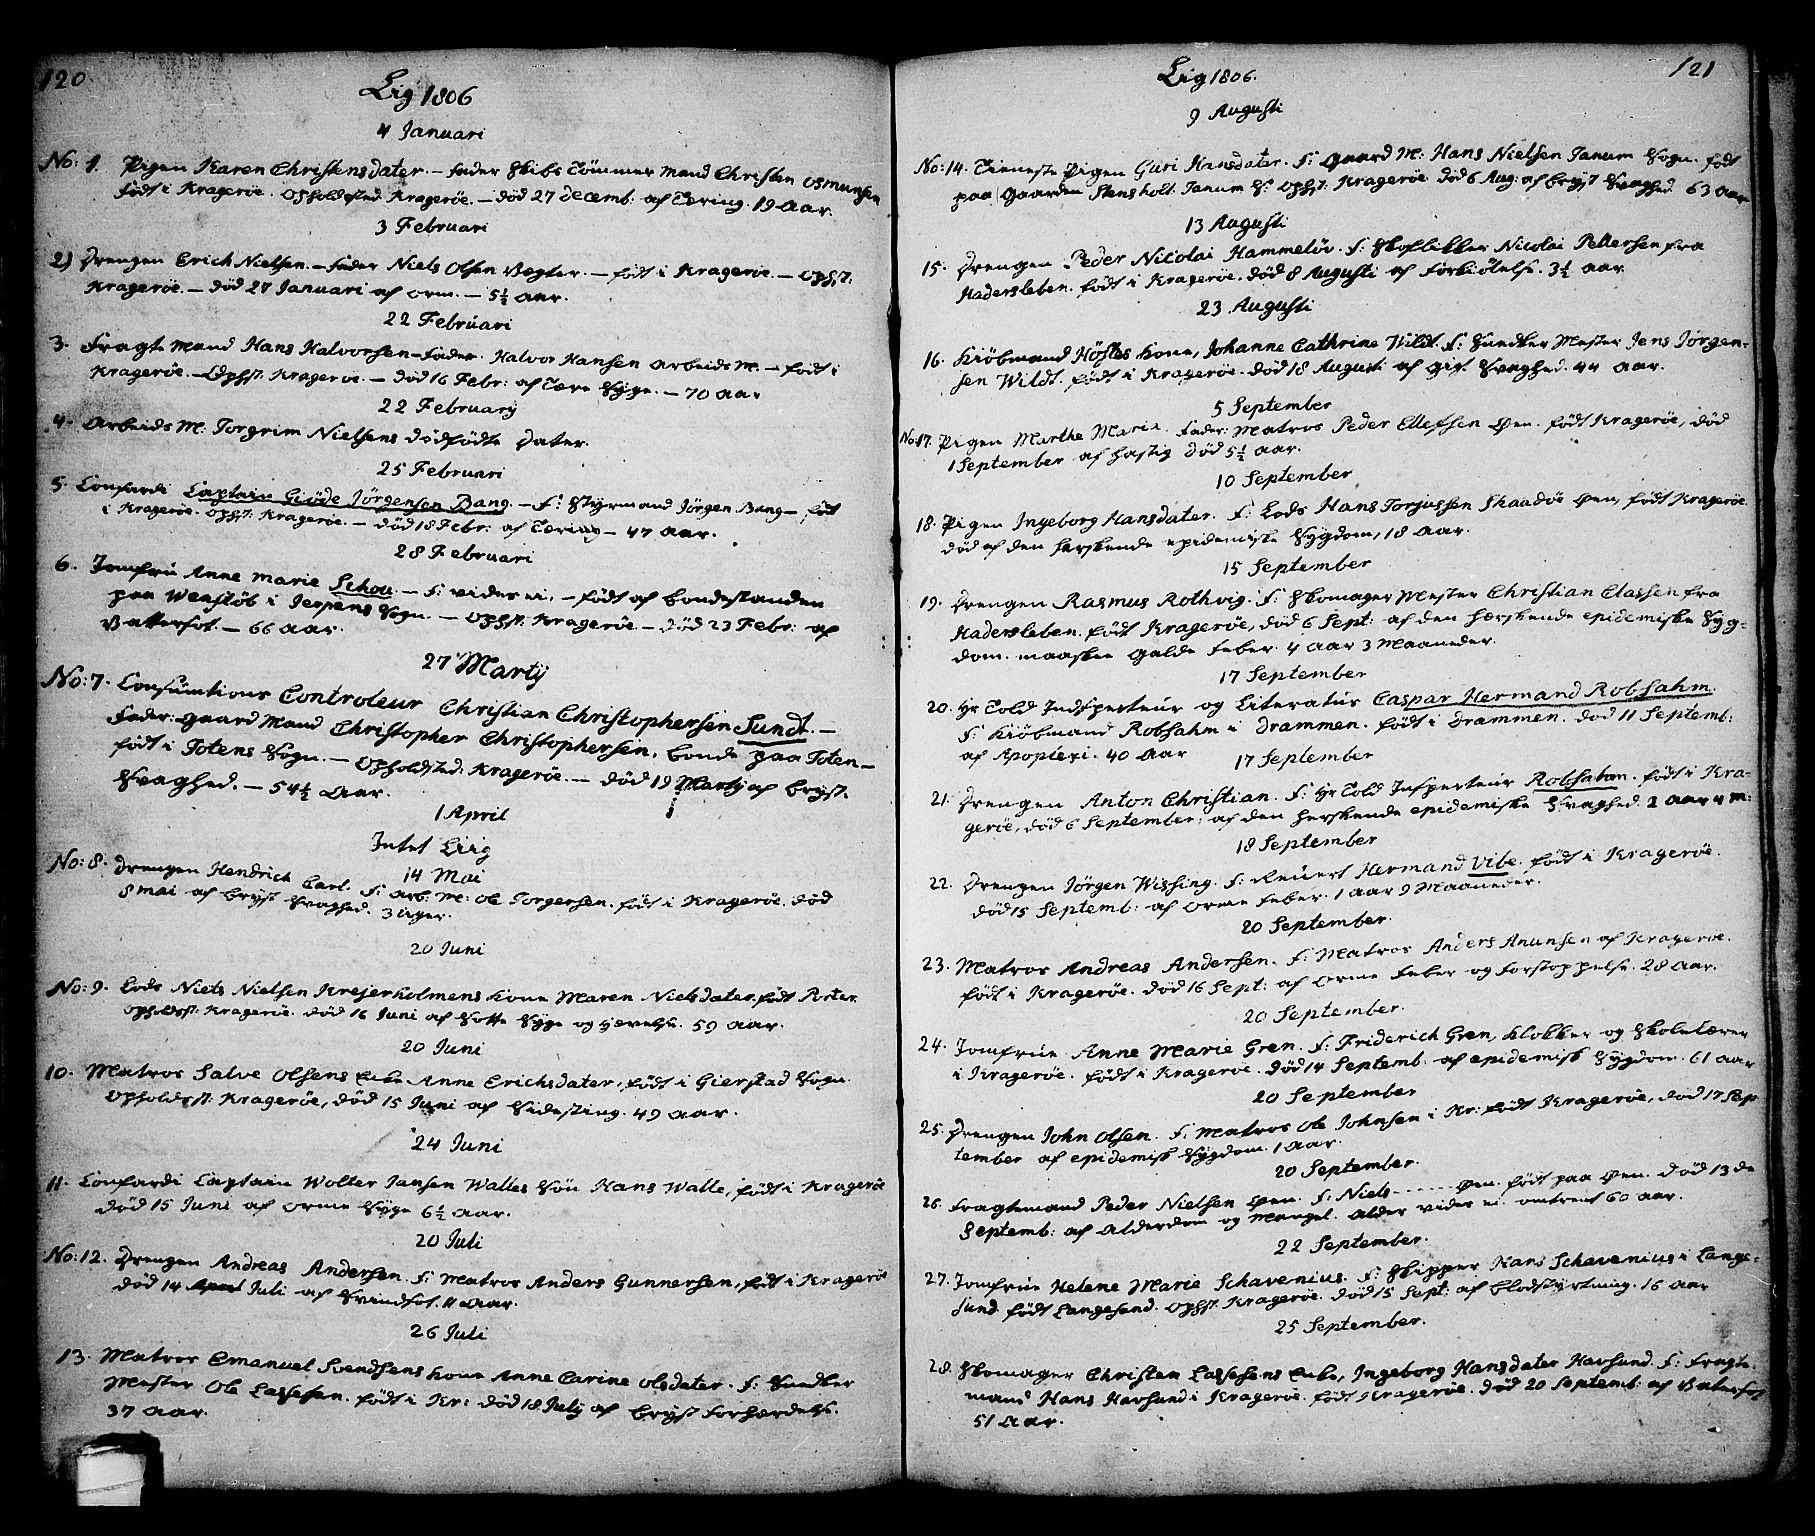 SAKO, Kragerø kirkebøker, G/Ga/L0001: Klokkerbok nr. 1 /1, 1806-1811, s. 120-121